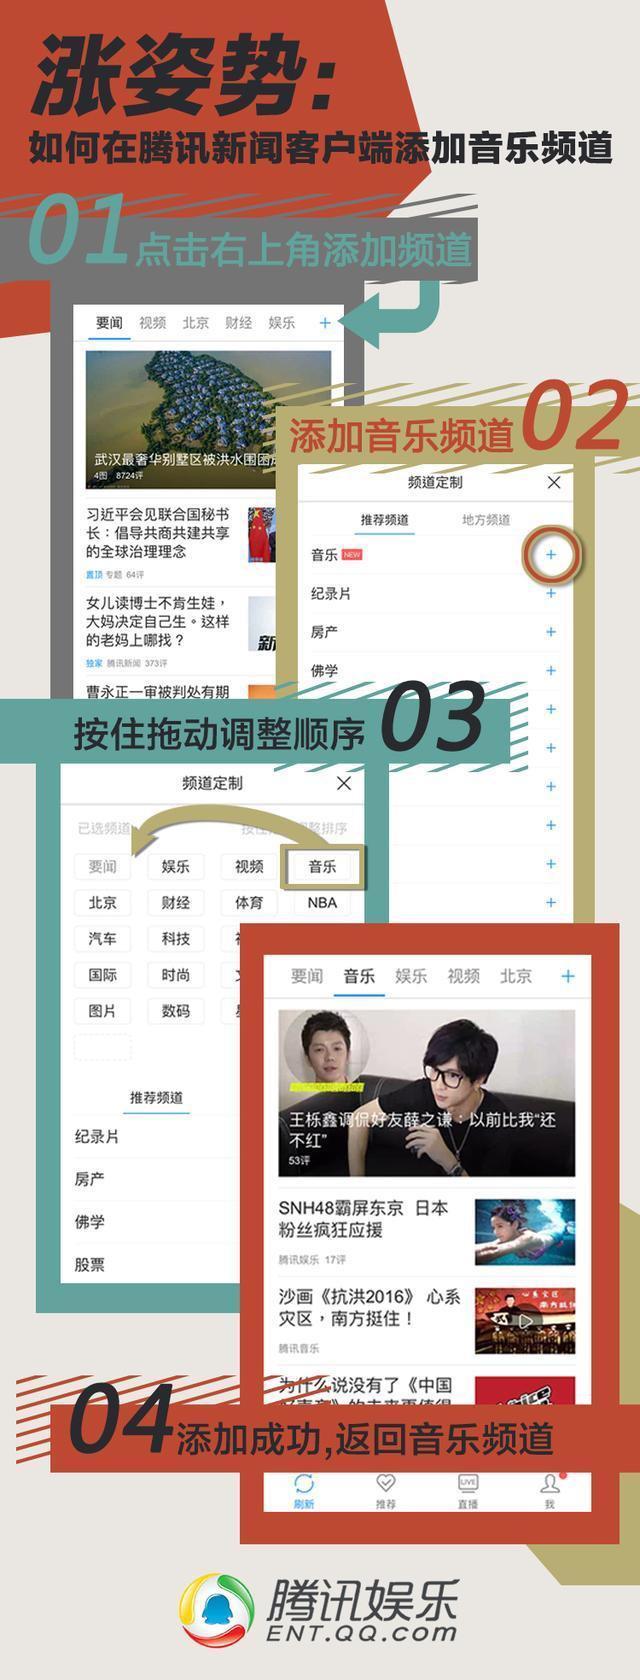 蒋敦豪台北录音人气足 首支原创单曲月底发布